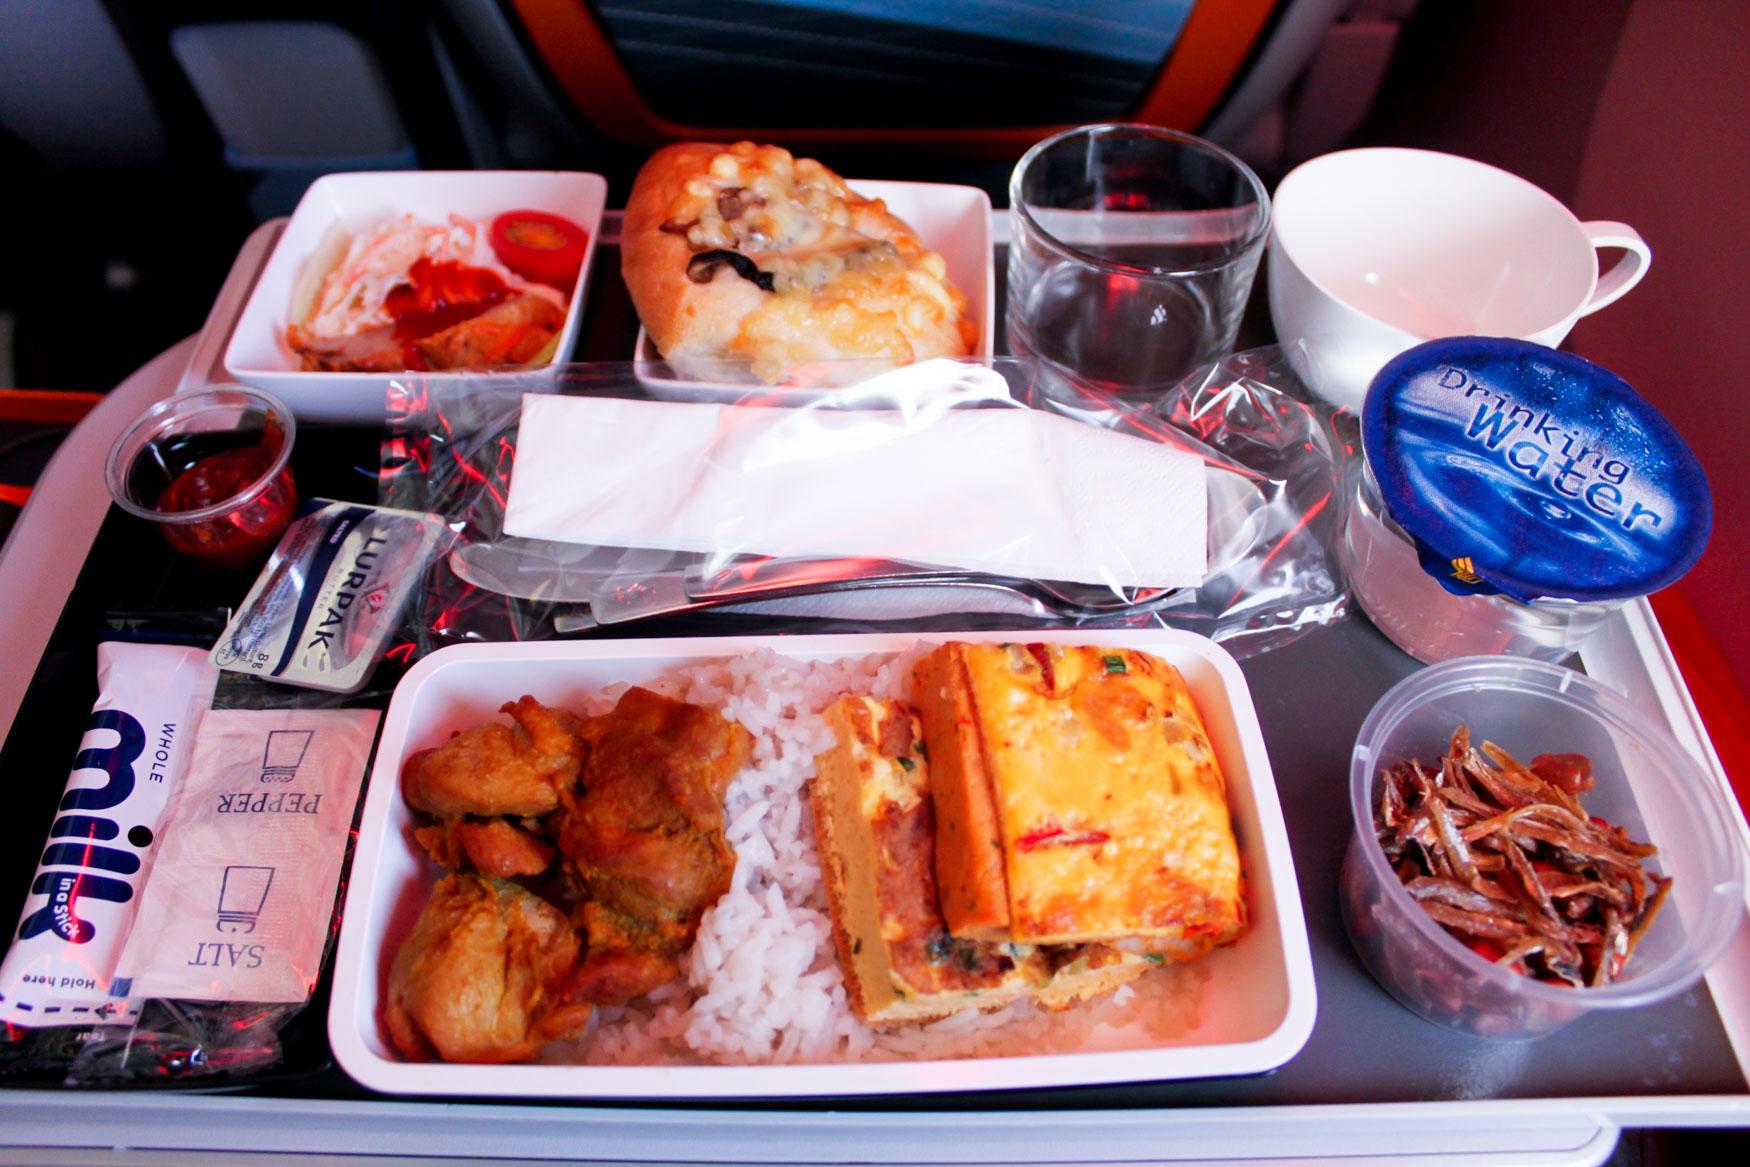 Singapore Airlines Nasi Lemak Premium Economy Meal